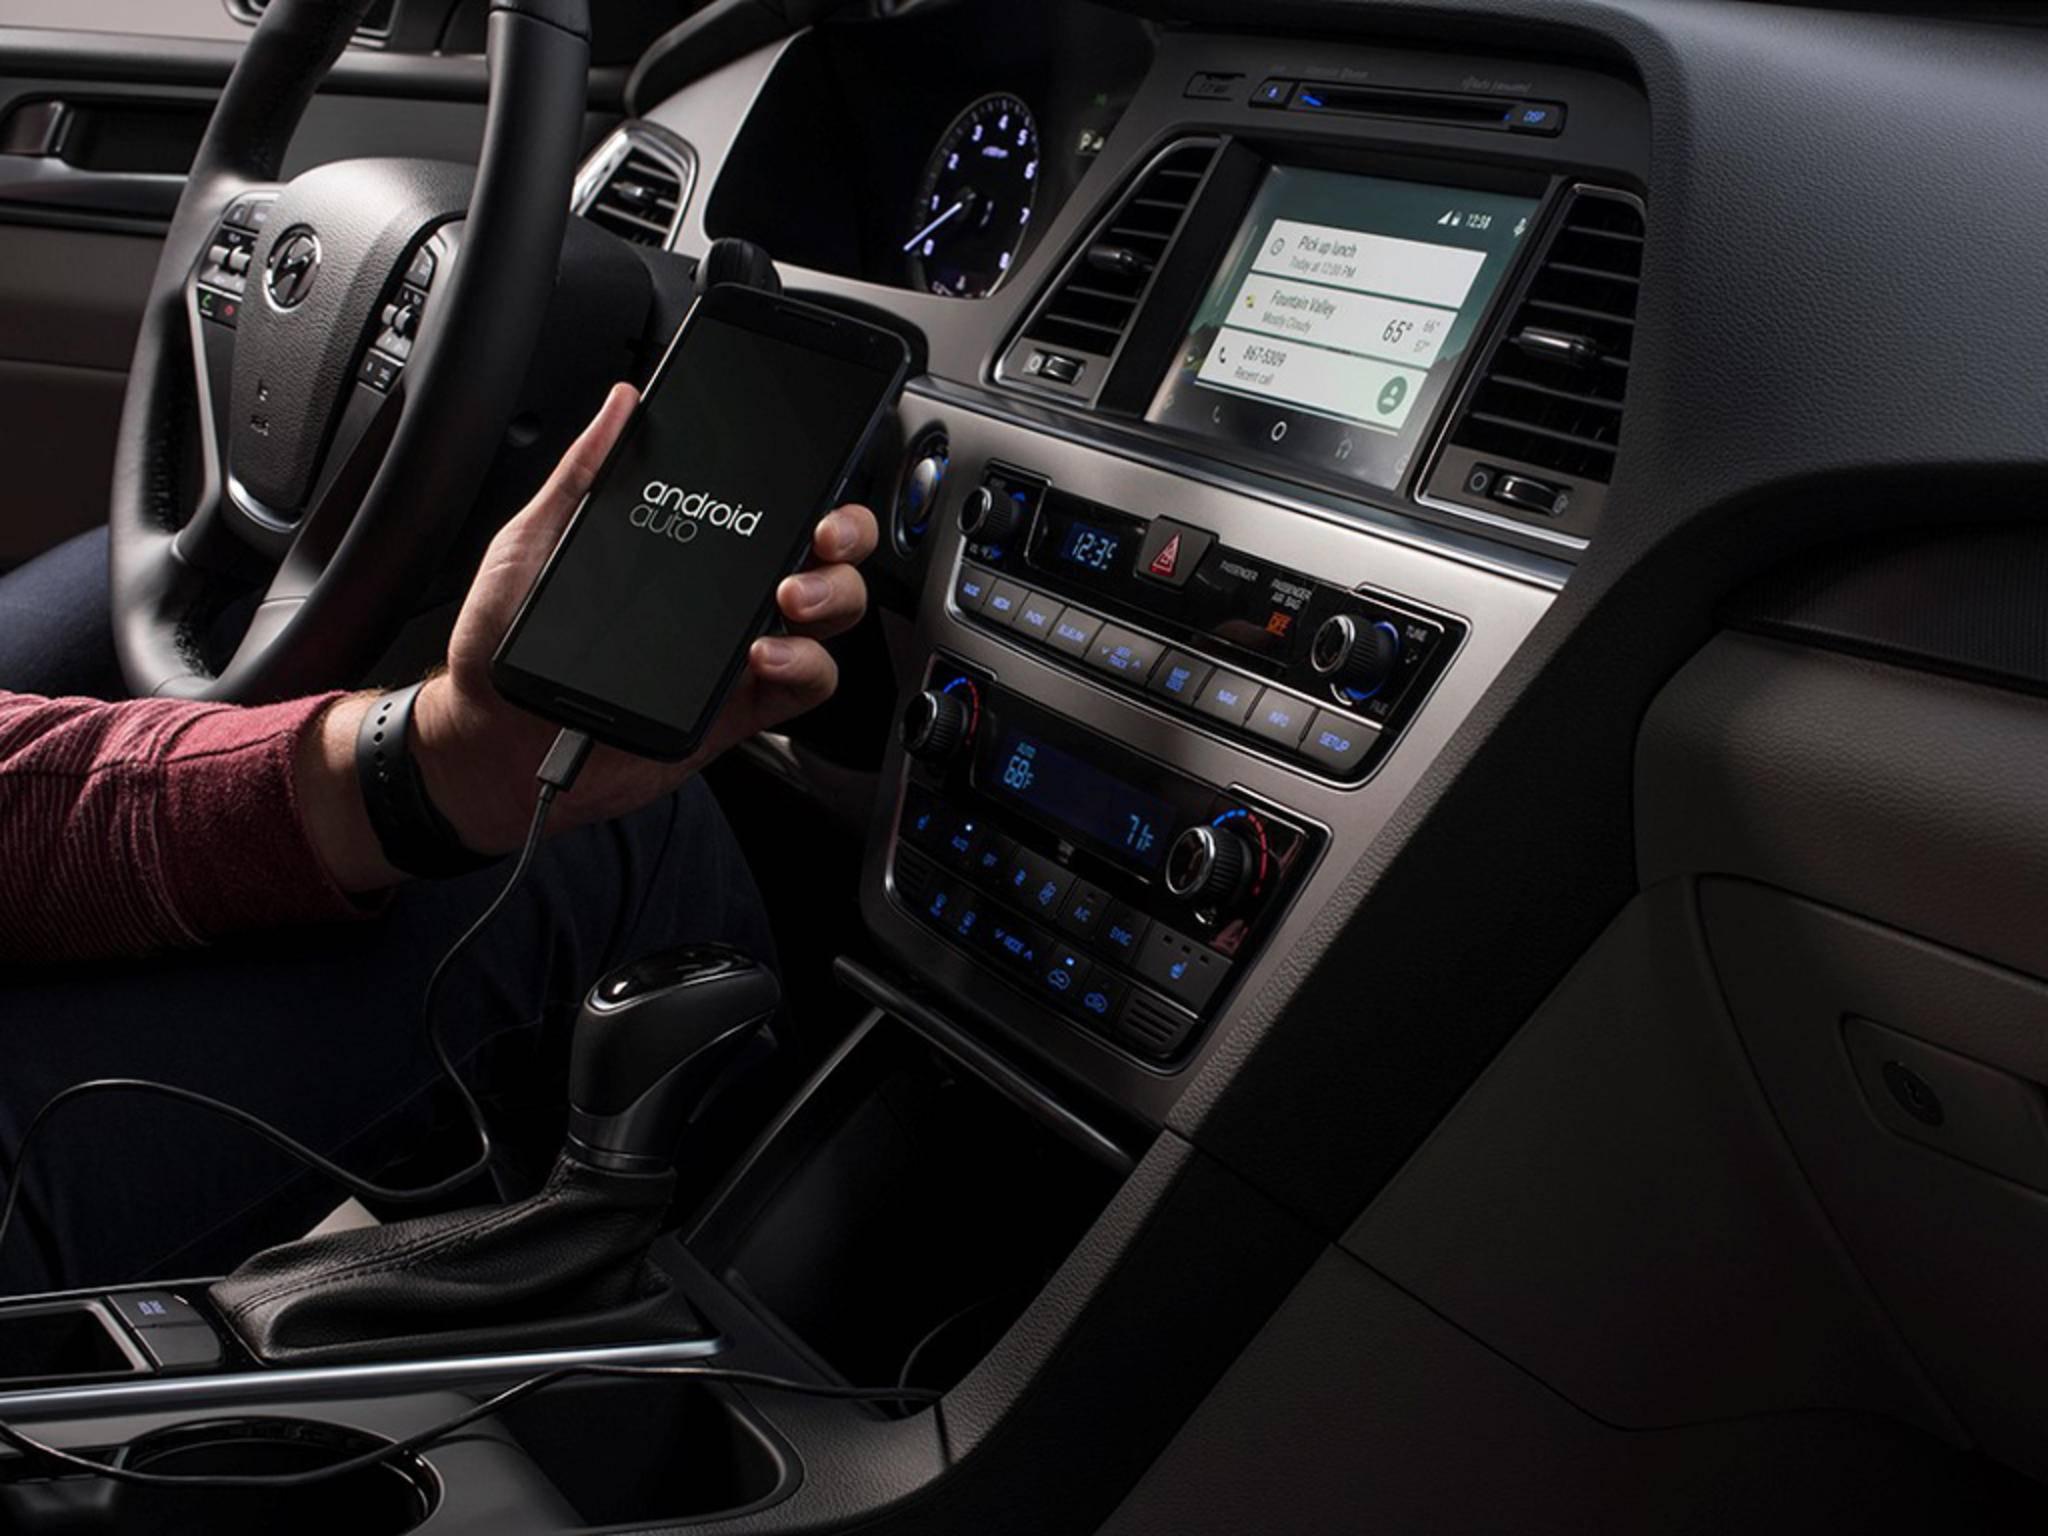 Der Hyundai Sonata ist das erste Auto mit serienmäßiger Android-Software.